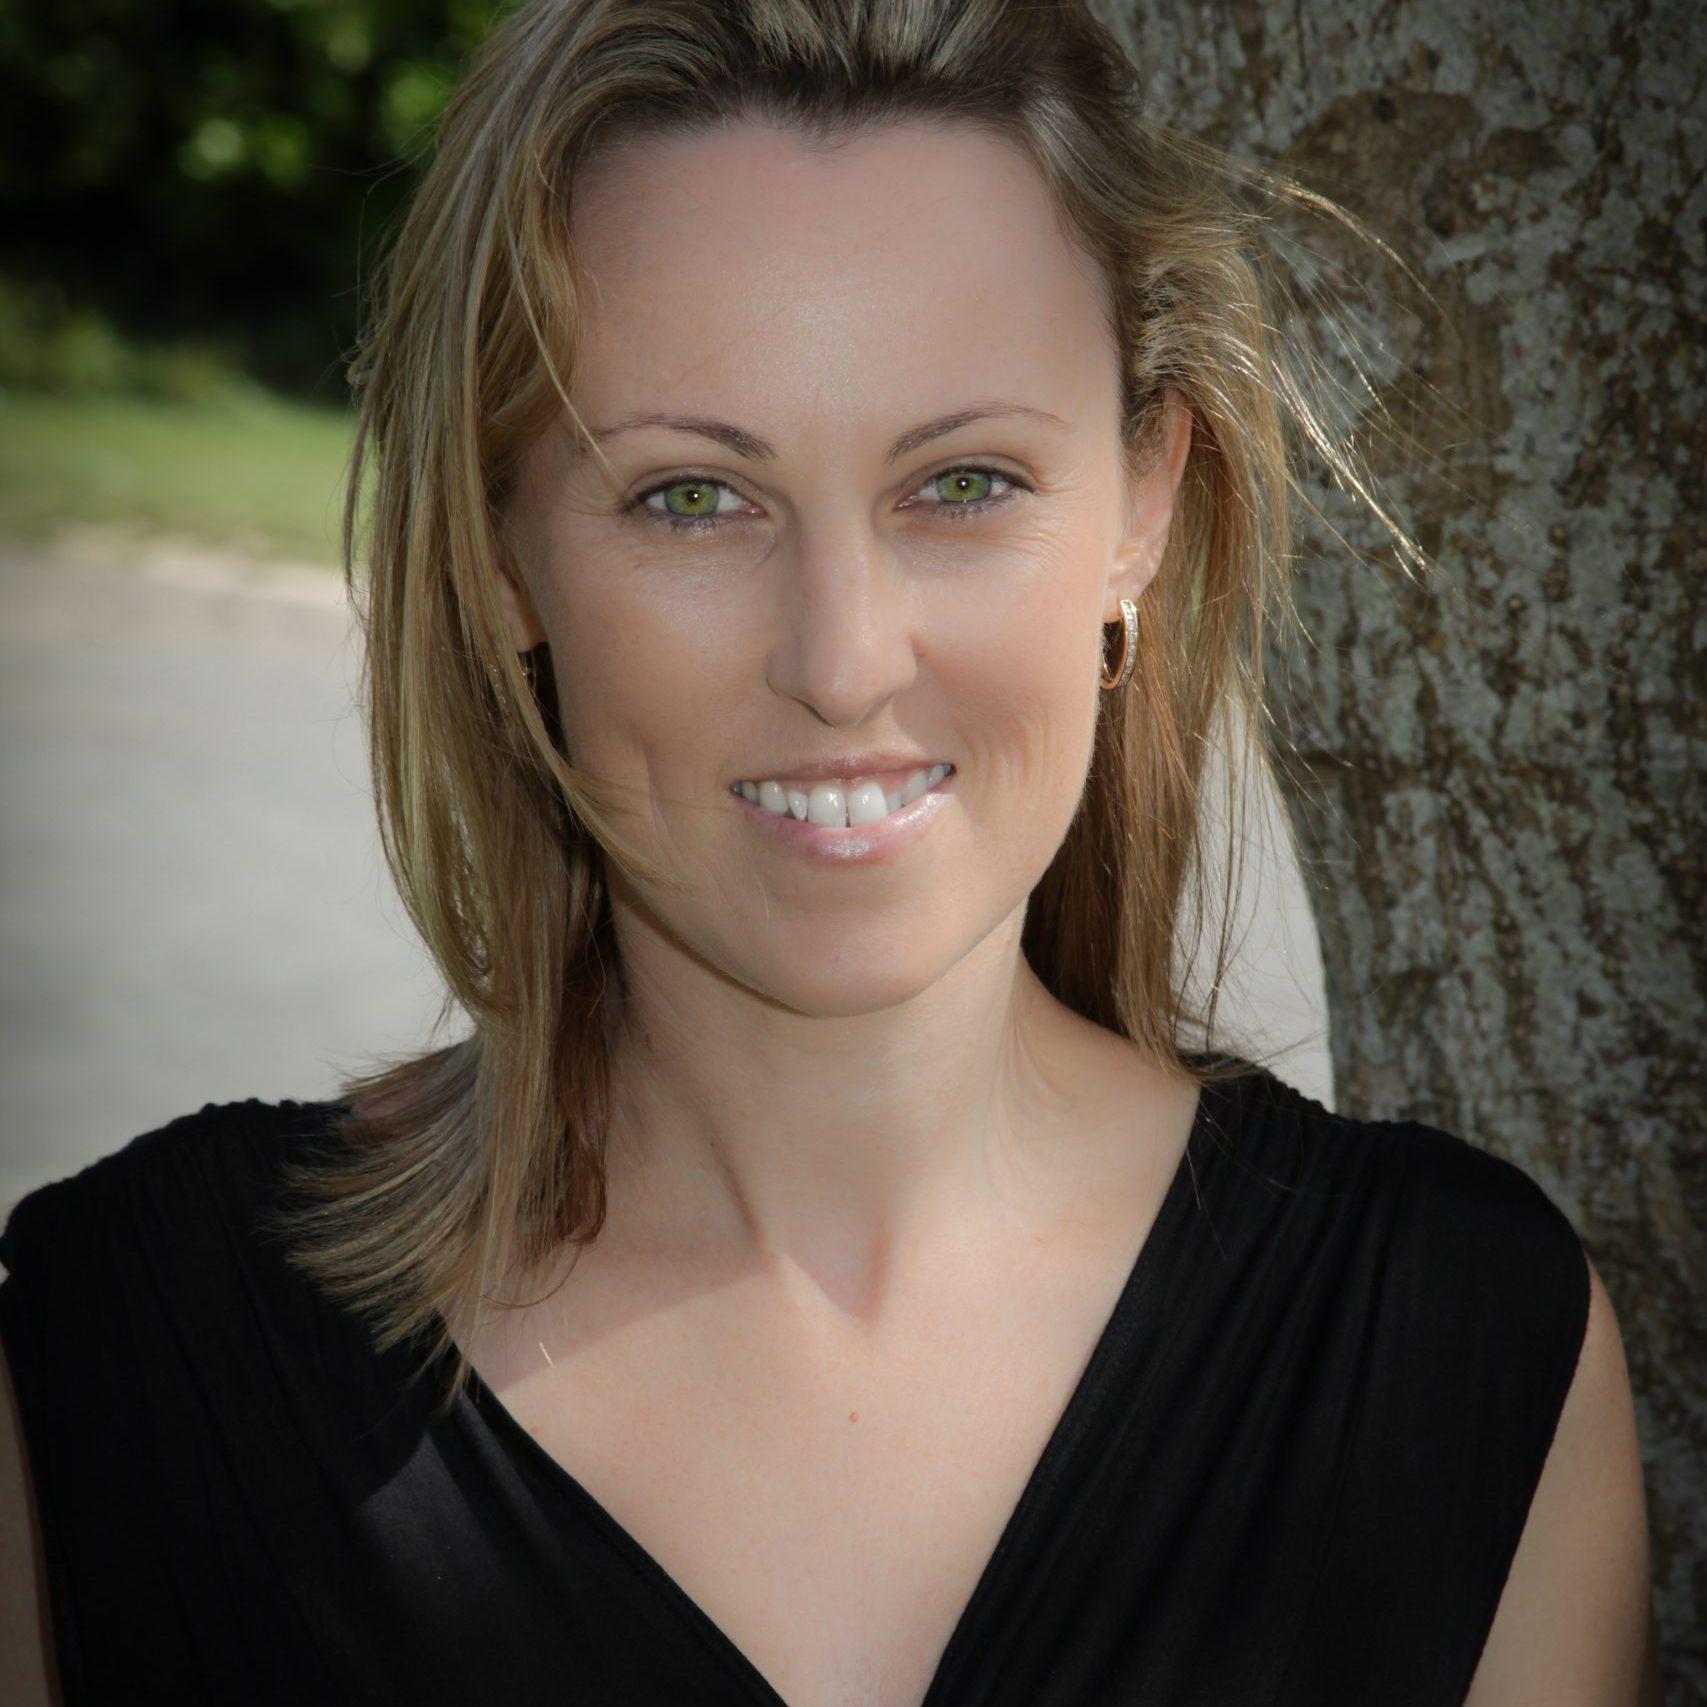 Alicia Boulton